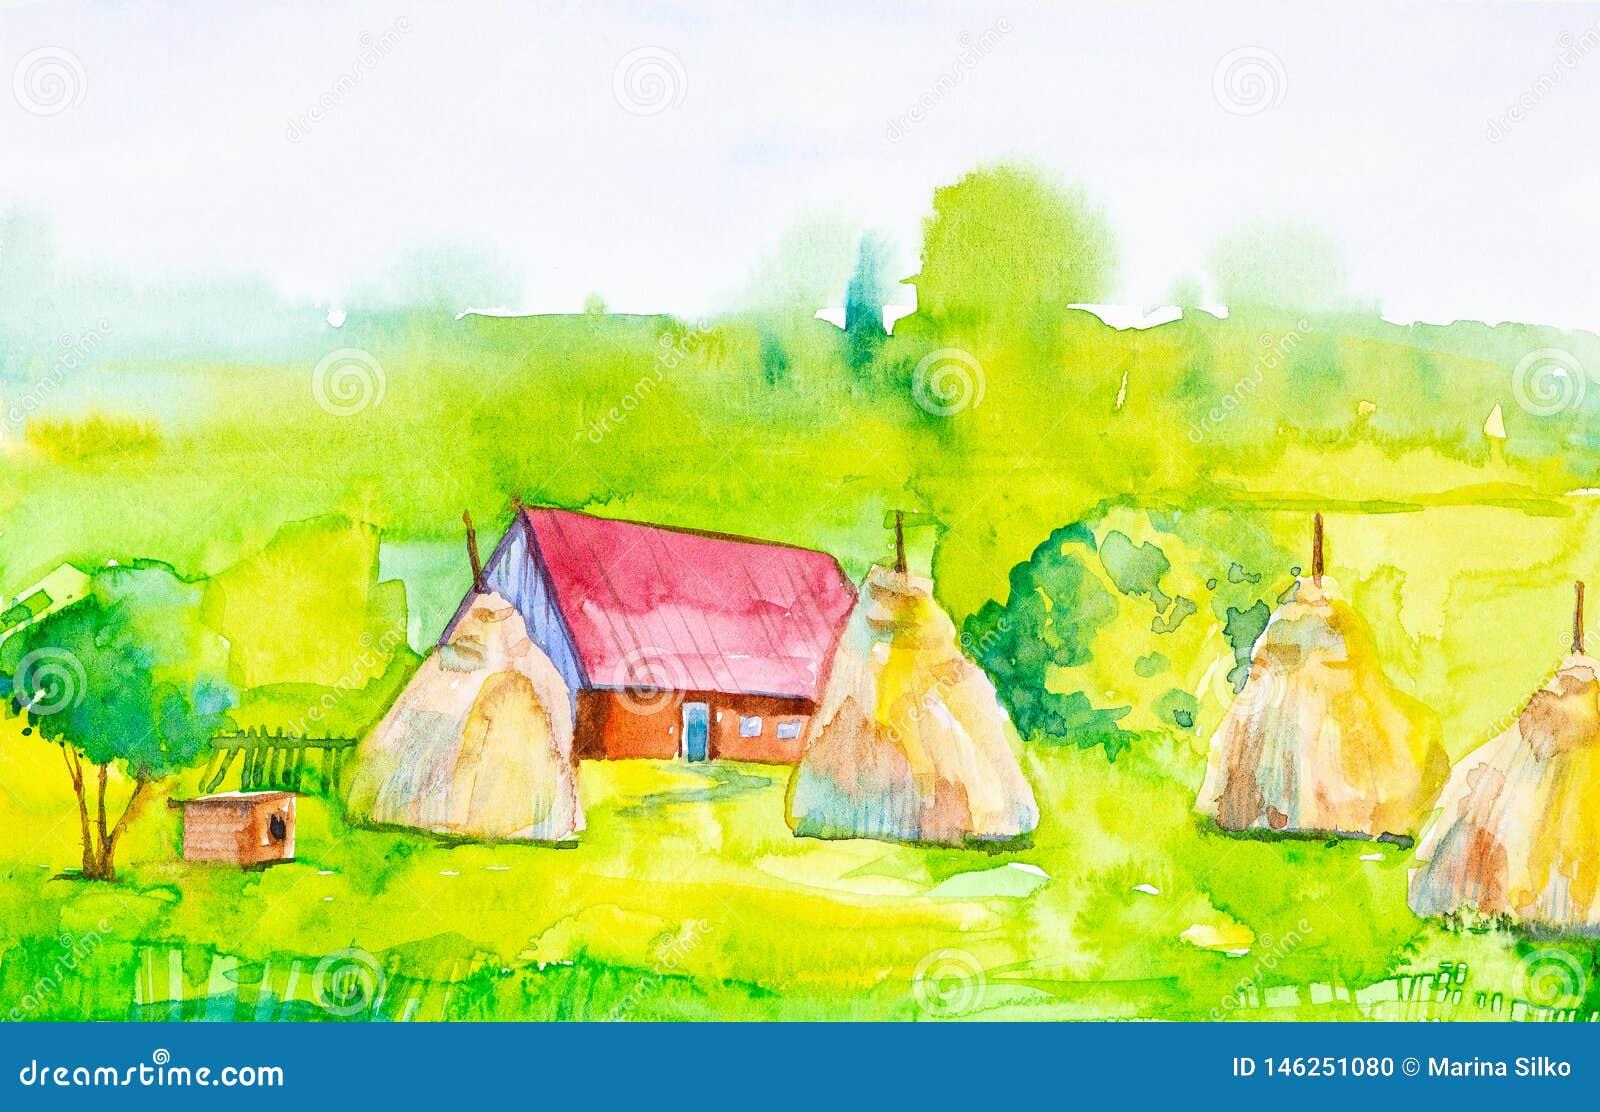 Akwareli ilustracja wioska dom, haystacks z doghouse w przedpolu i Zielony las w tle